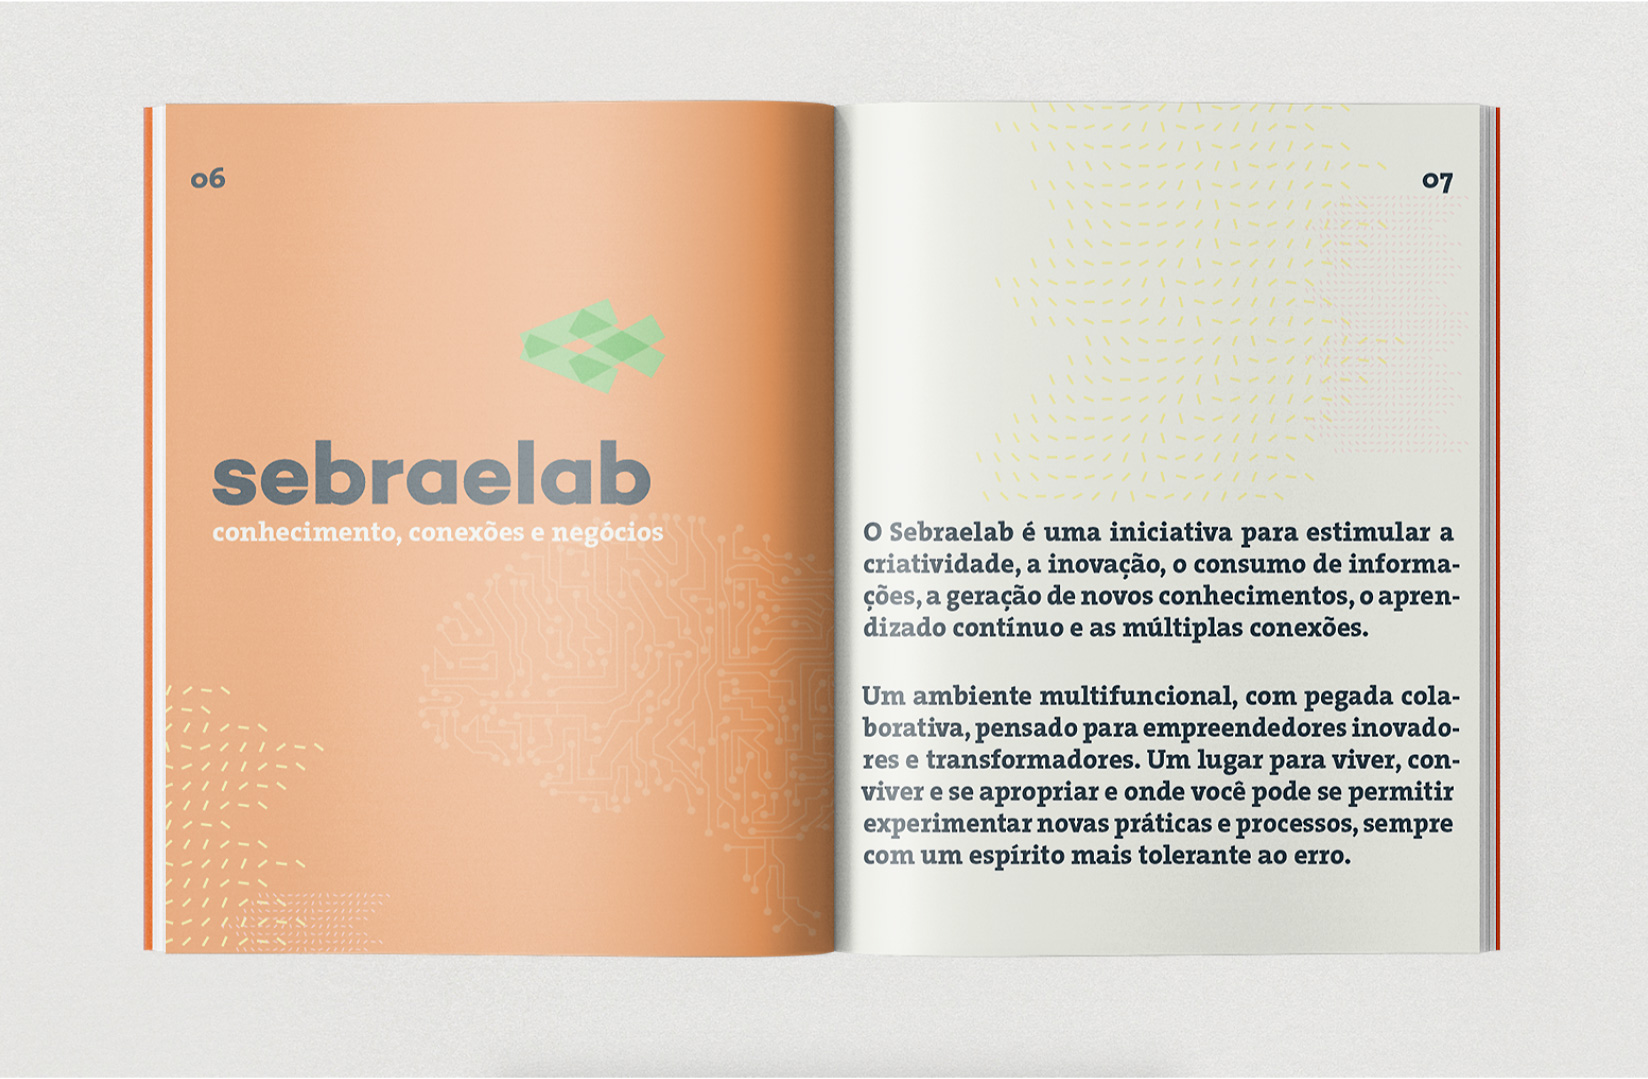 SEBRAELAB – Prototipe